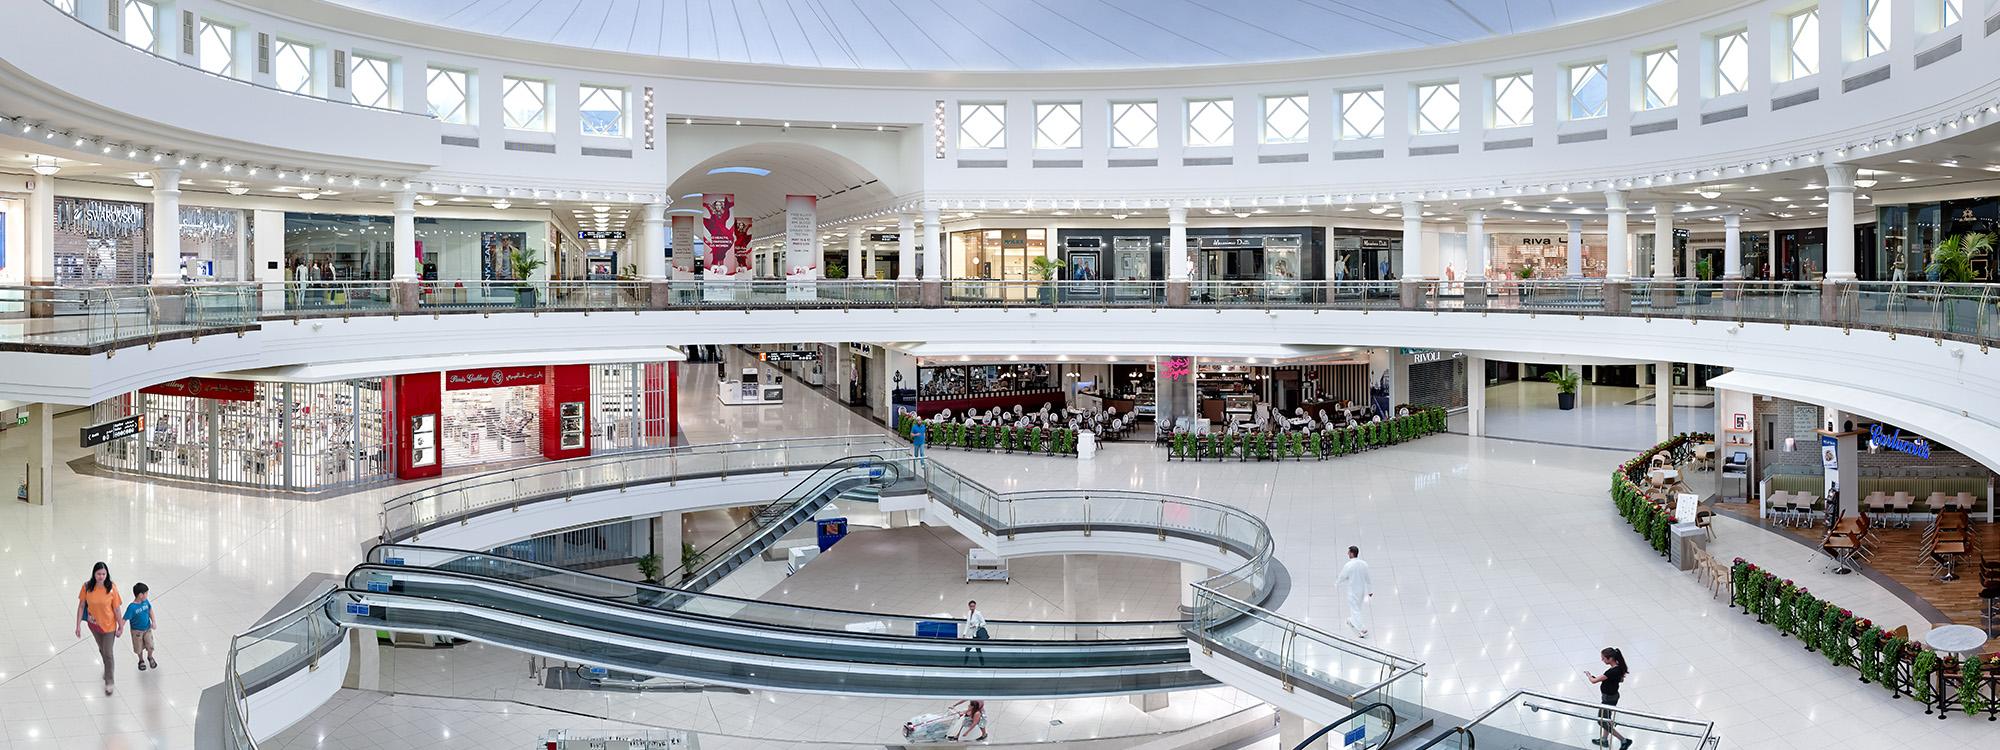 Крупнейший торговый центр в Дубае «Deira Mall» построят к 2020 году